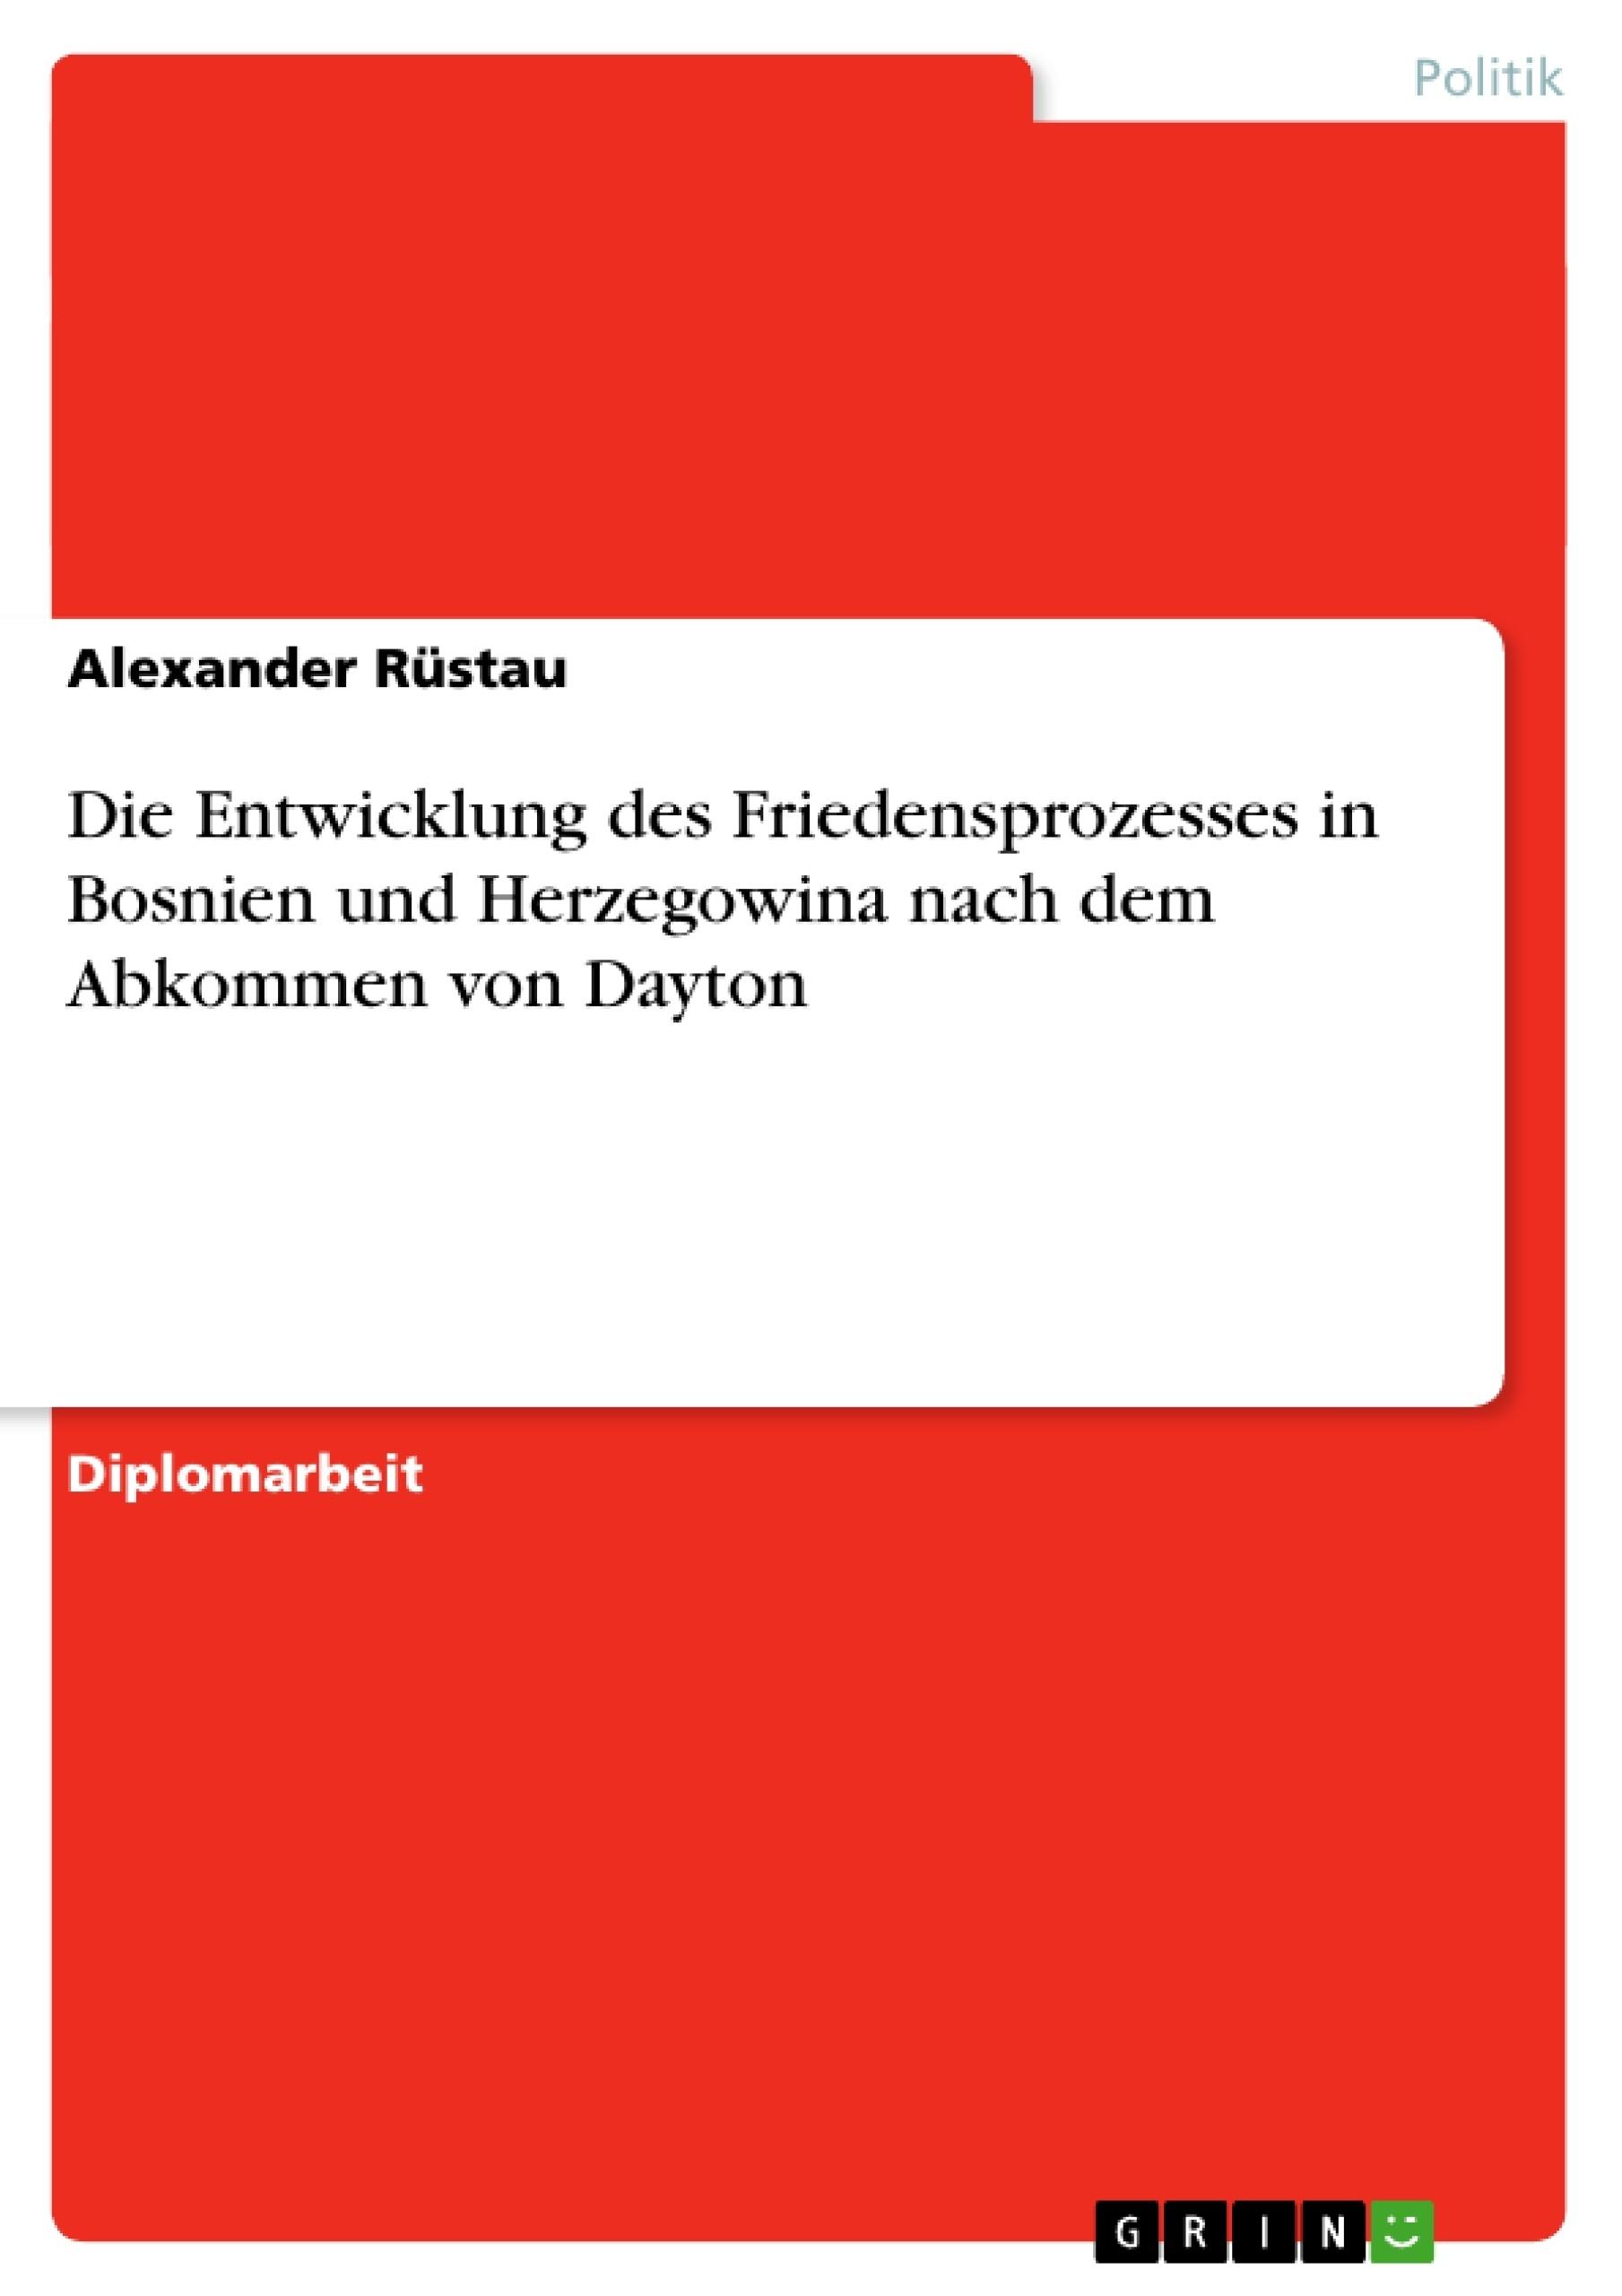 Titel: Die Entwicklung des Friedensprozesses in Bosnien und Herzegowina nach dem Abkommen von Dayton